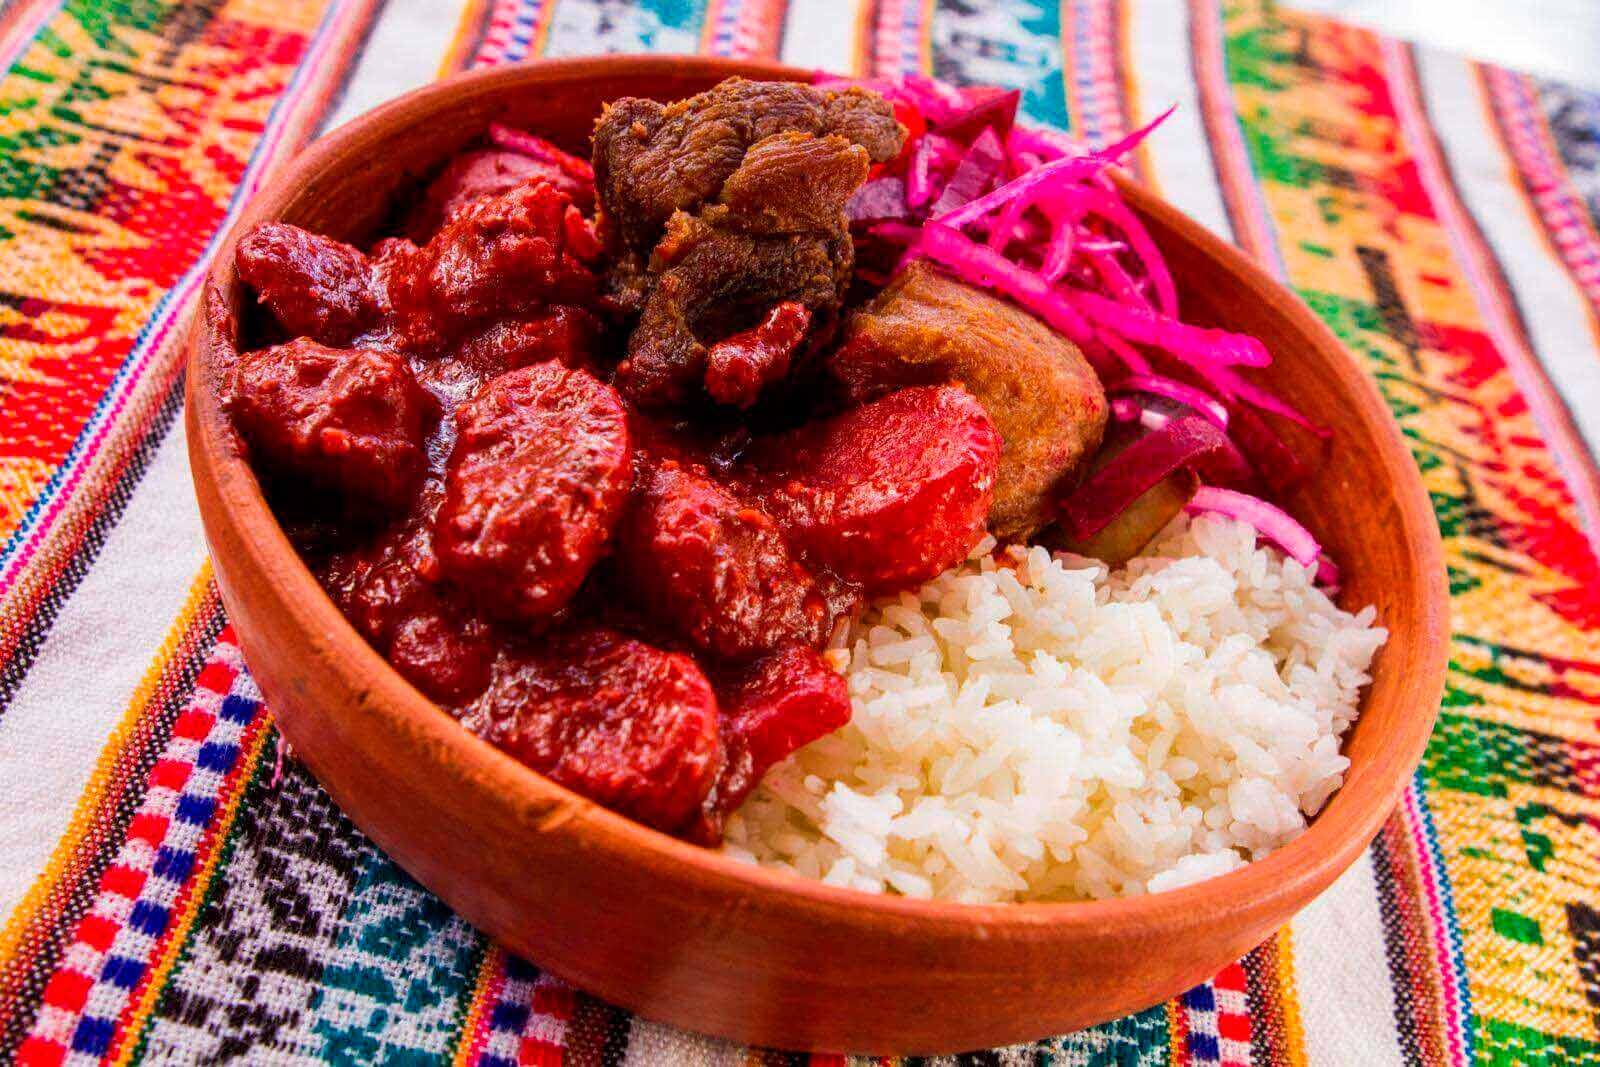 comida-picante-peruana